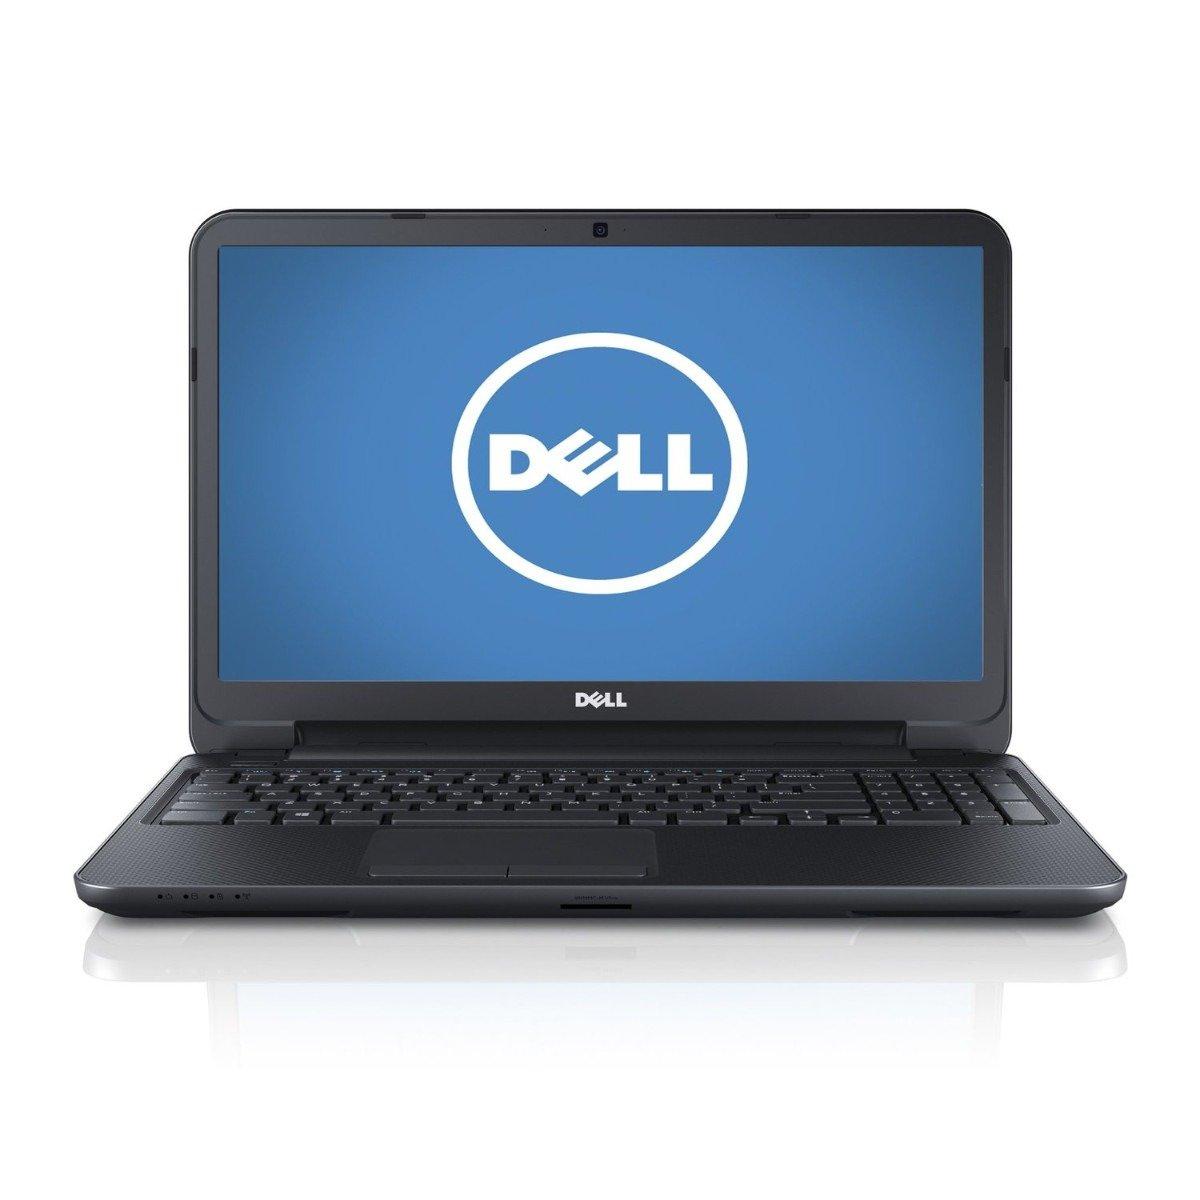 Dell-Inspiron-15-I15rv-7619blk